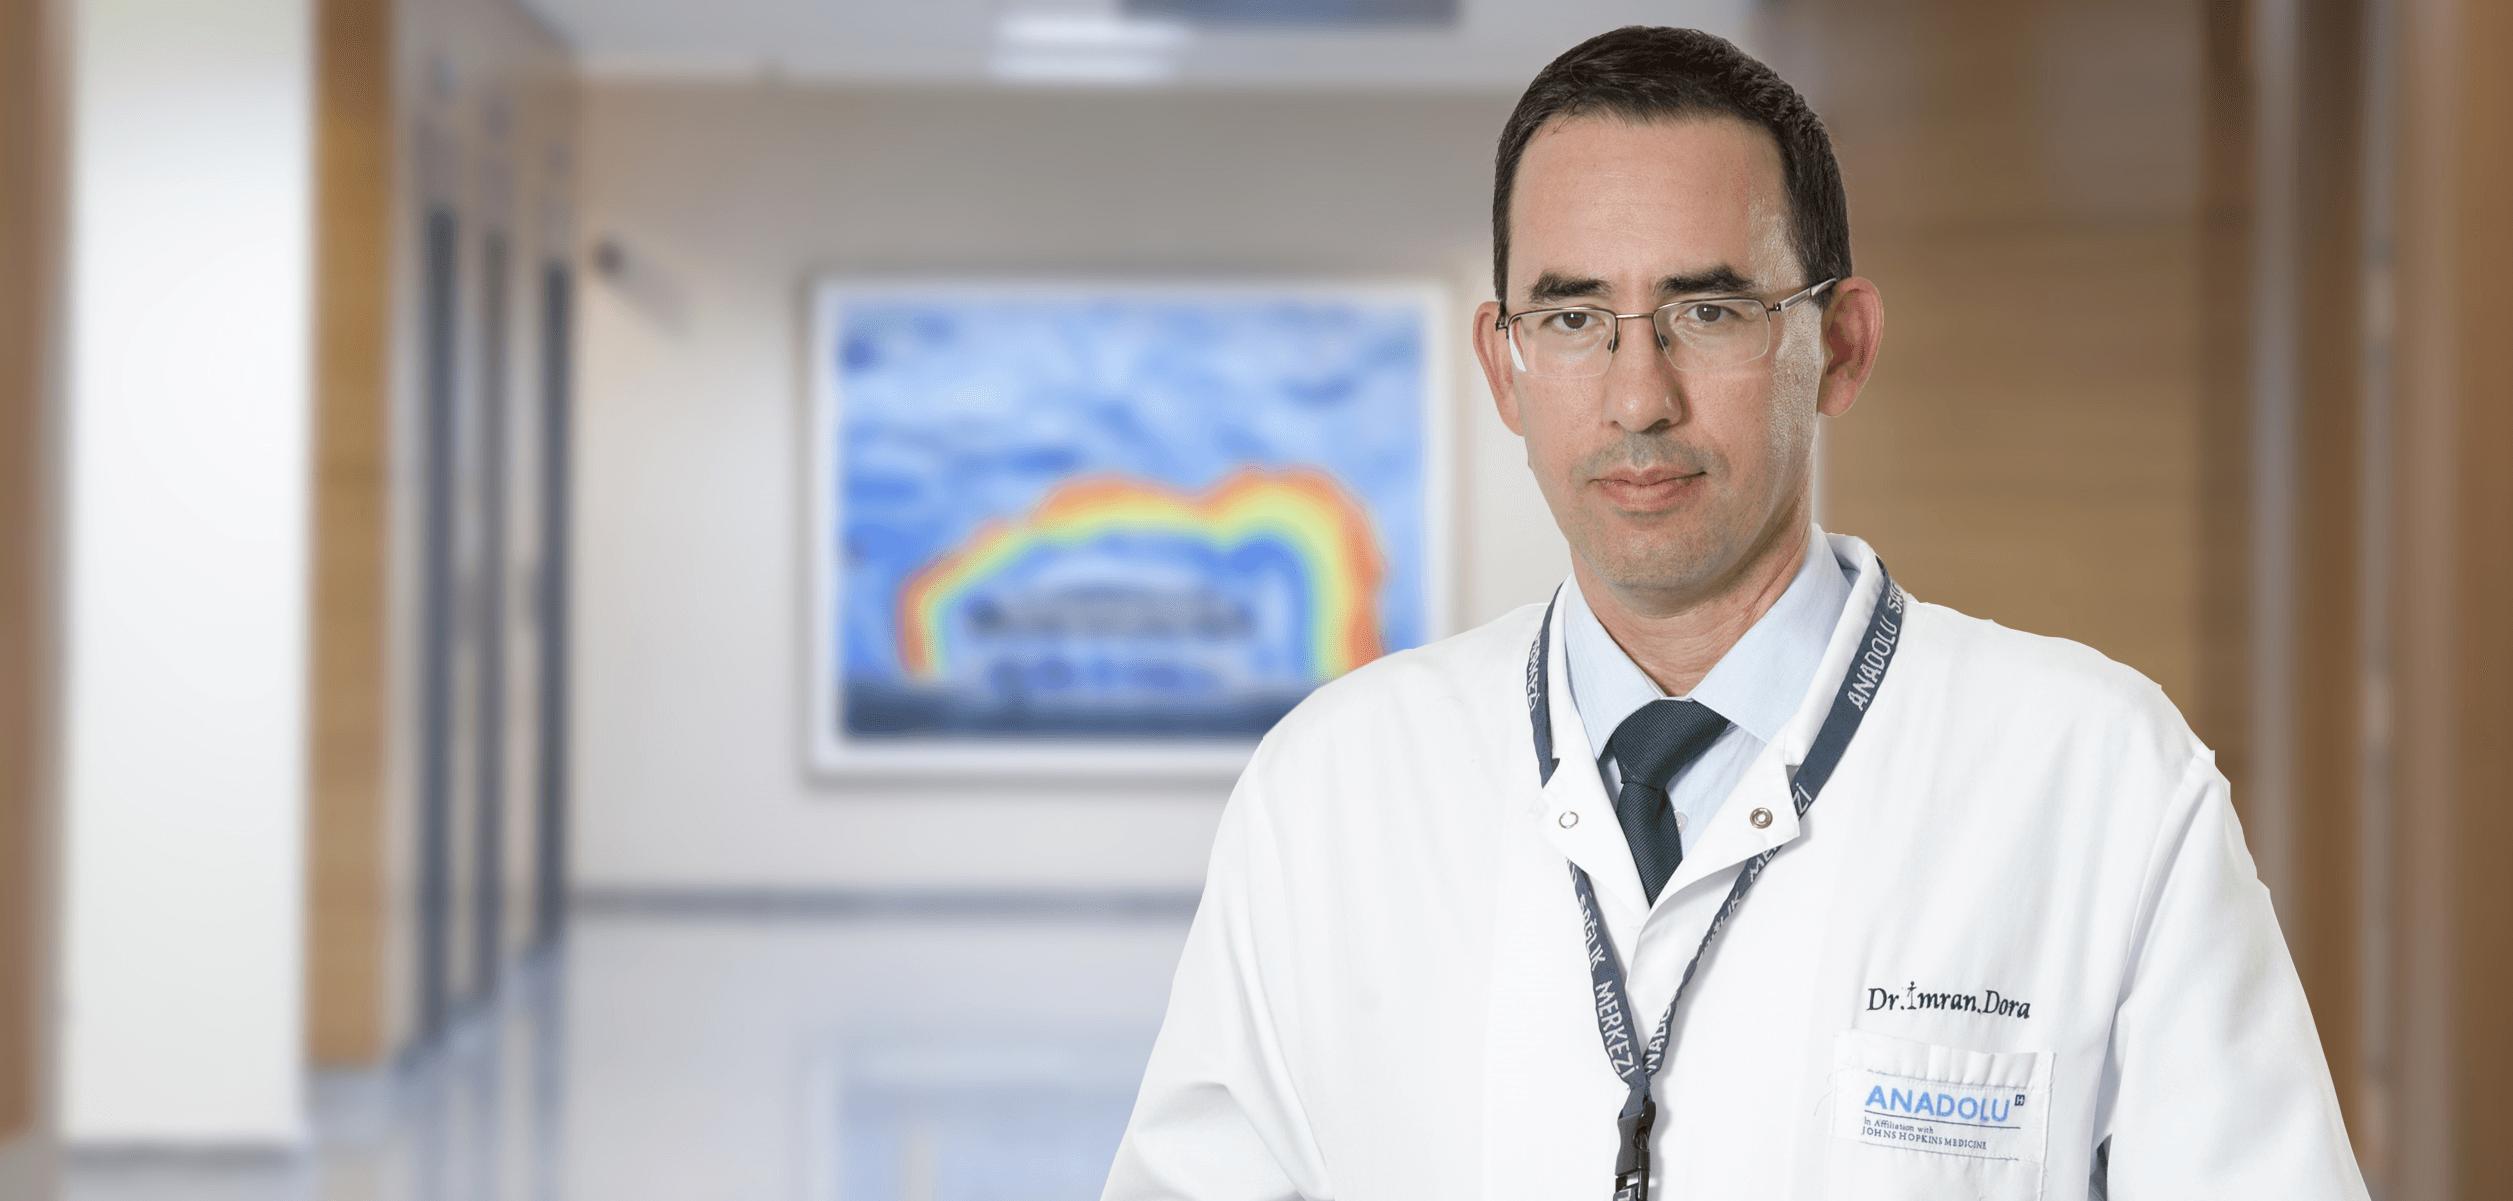 Имран Дора — квалифицированная помощь в медицинском центре Anadolu